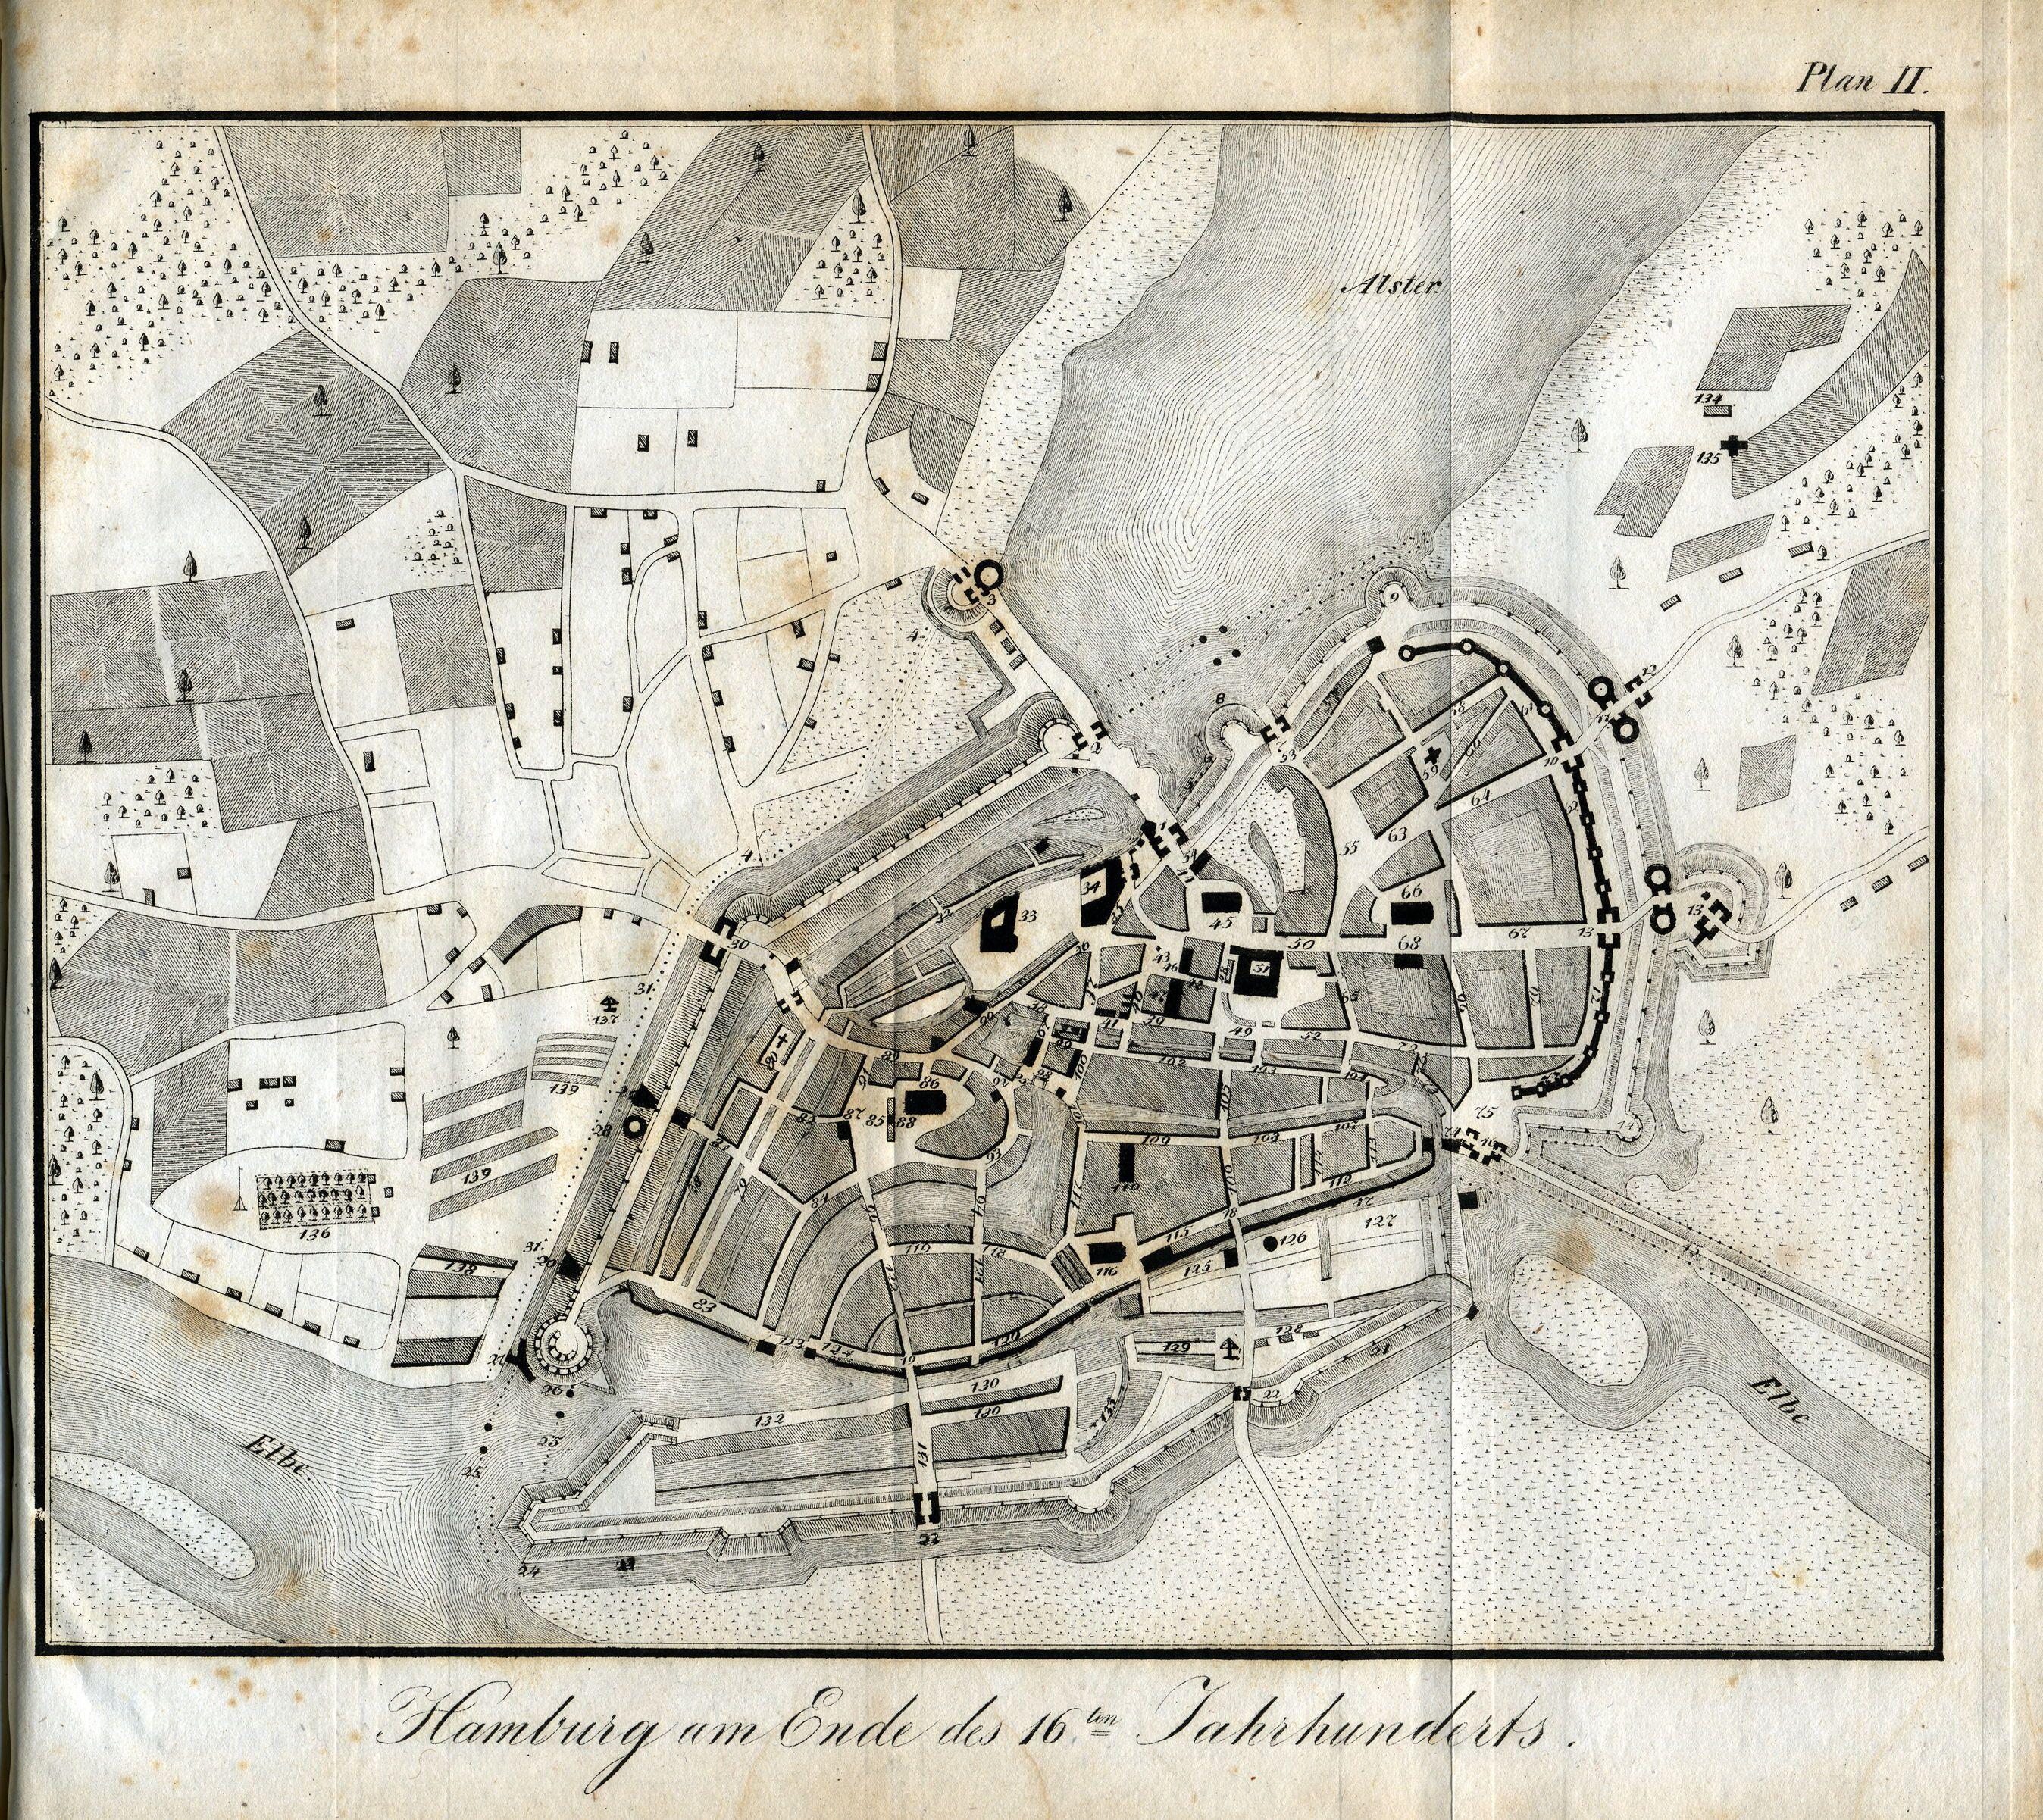 Der Stadt Hamburg karte hamburg um 1600 aus f h neddermeyer topographie der